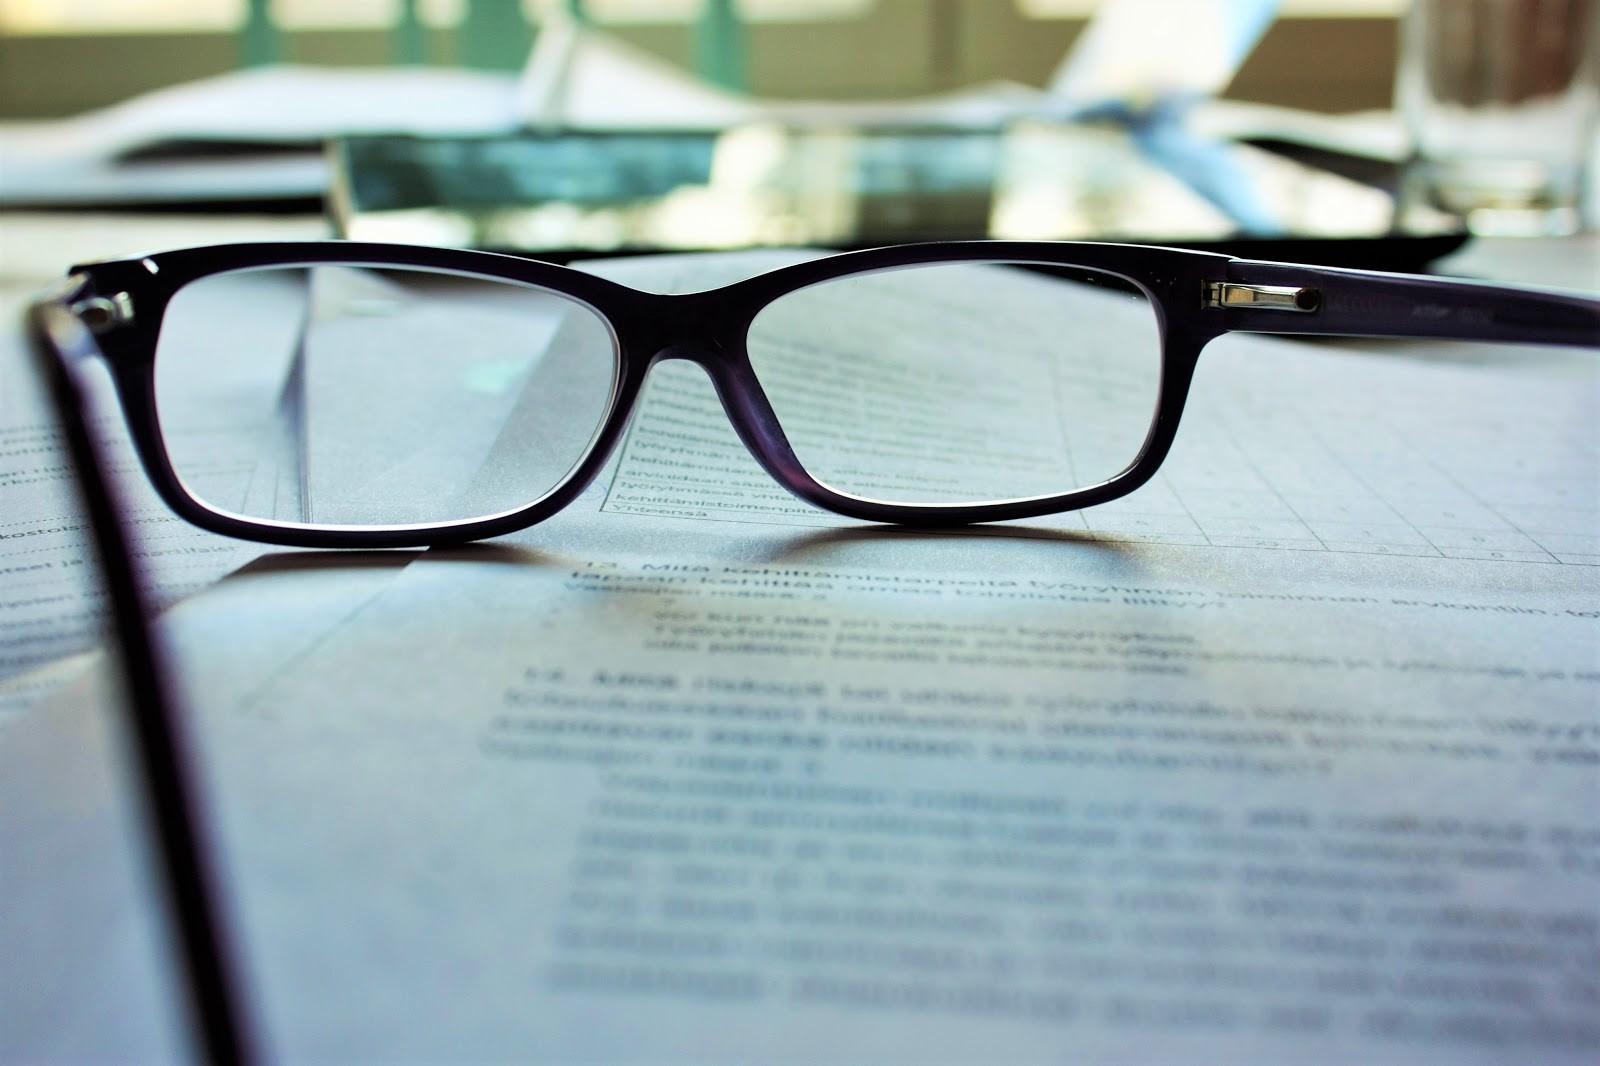 Súvisí náhle zhoršenie zraku z vaším zdravotným stavom  cc645a27e35